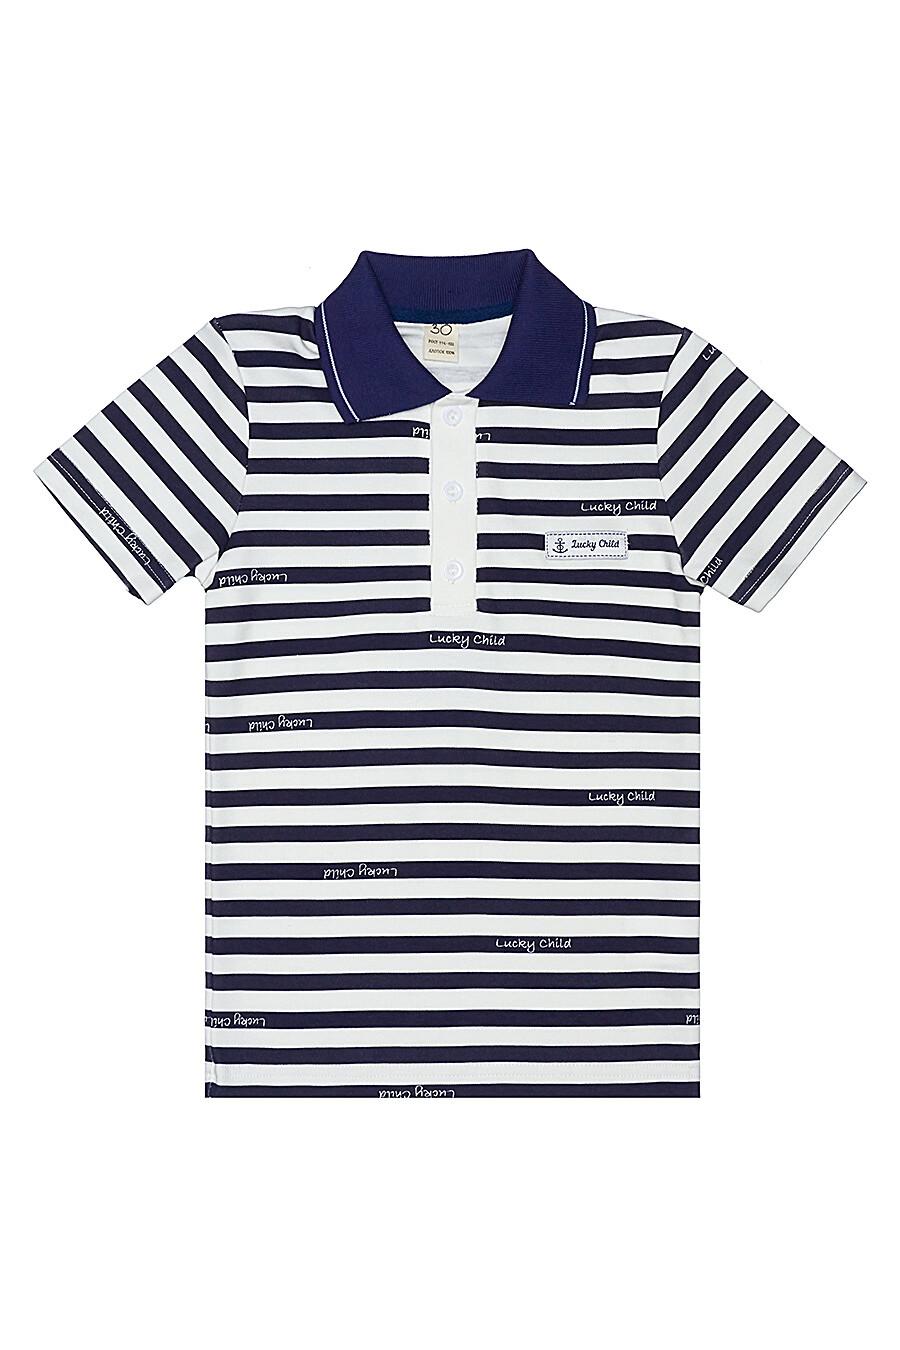 Футболка для мальчиков LUCKY CHILD 184398 купить оптом от производителя. Совместная покупка детской одежды в OptMoyo